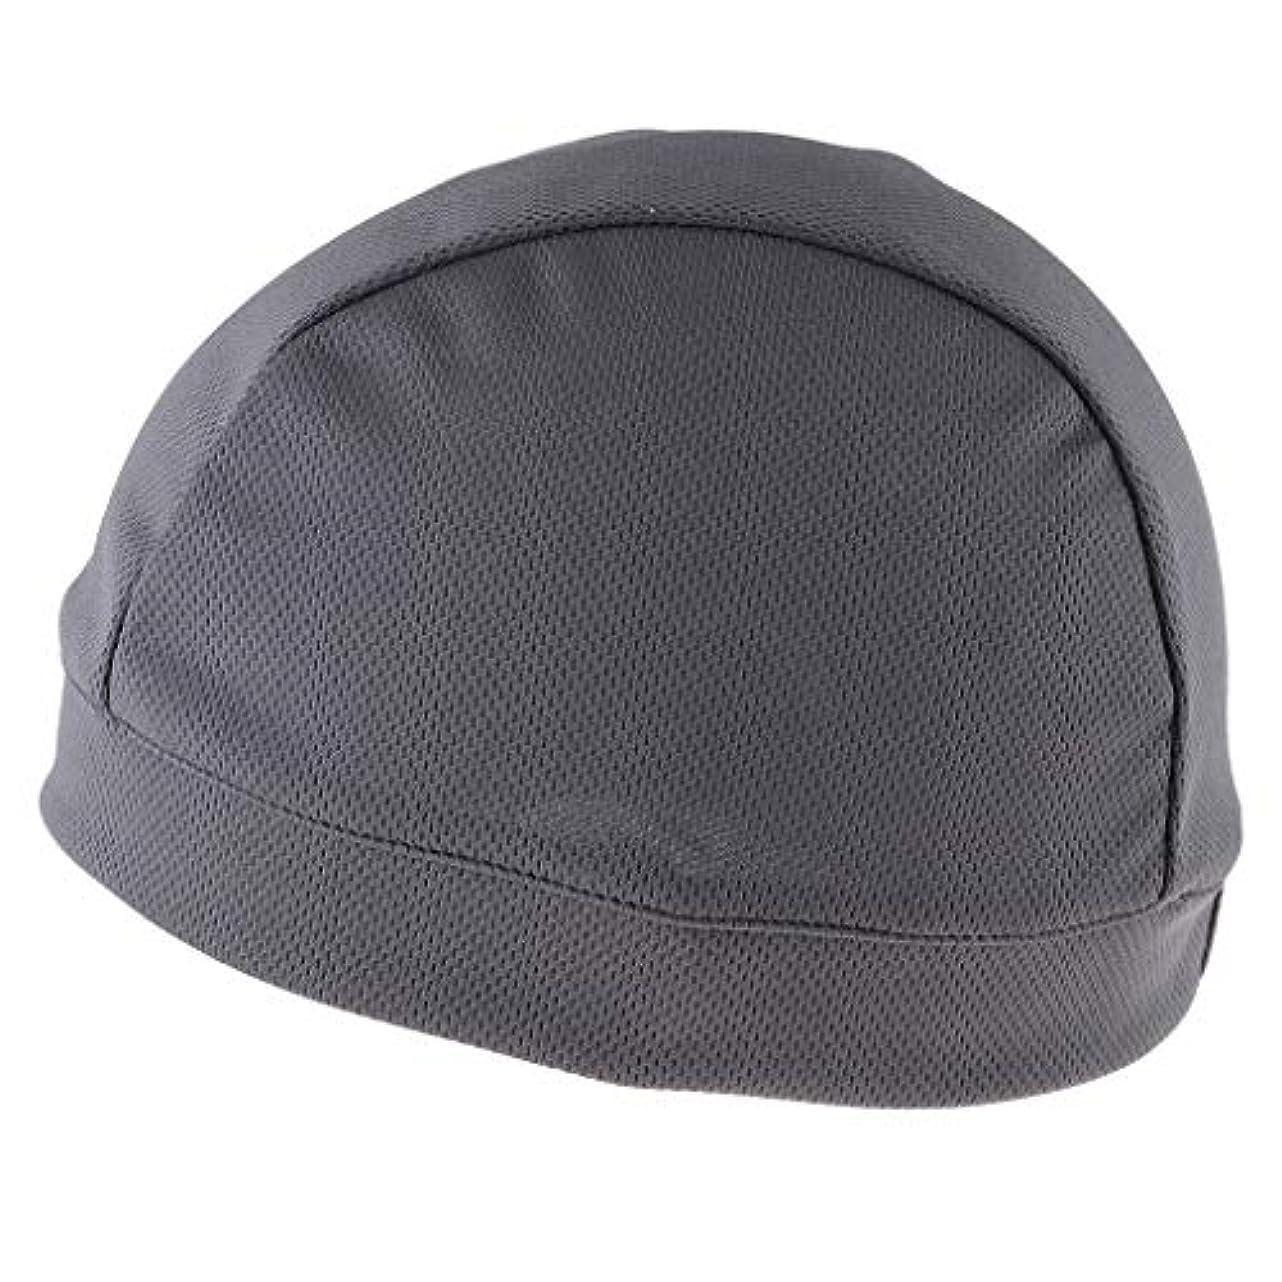 かんたん方法会話型D DOLITY ヘルメット ライナー サイクリング アウトドアスポーツ 防風キャップ 帽子 全8色